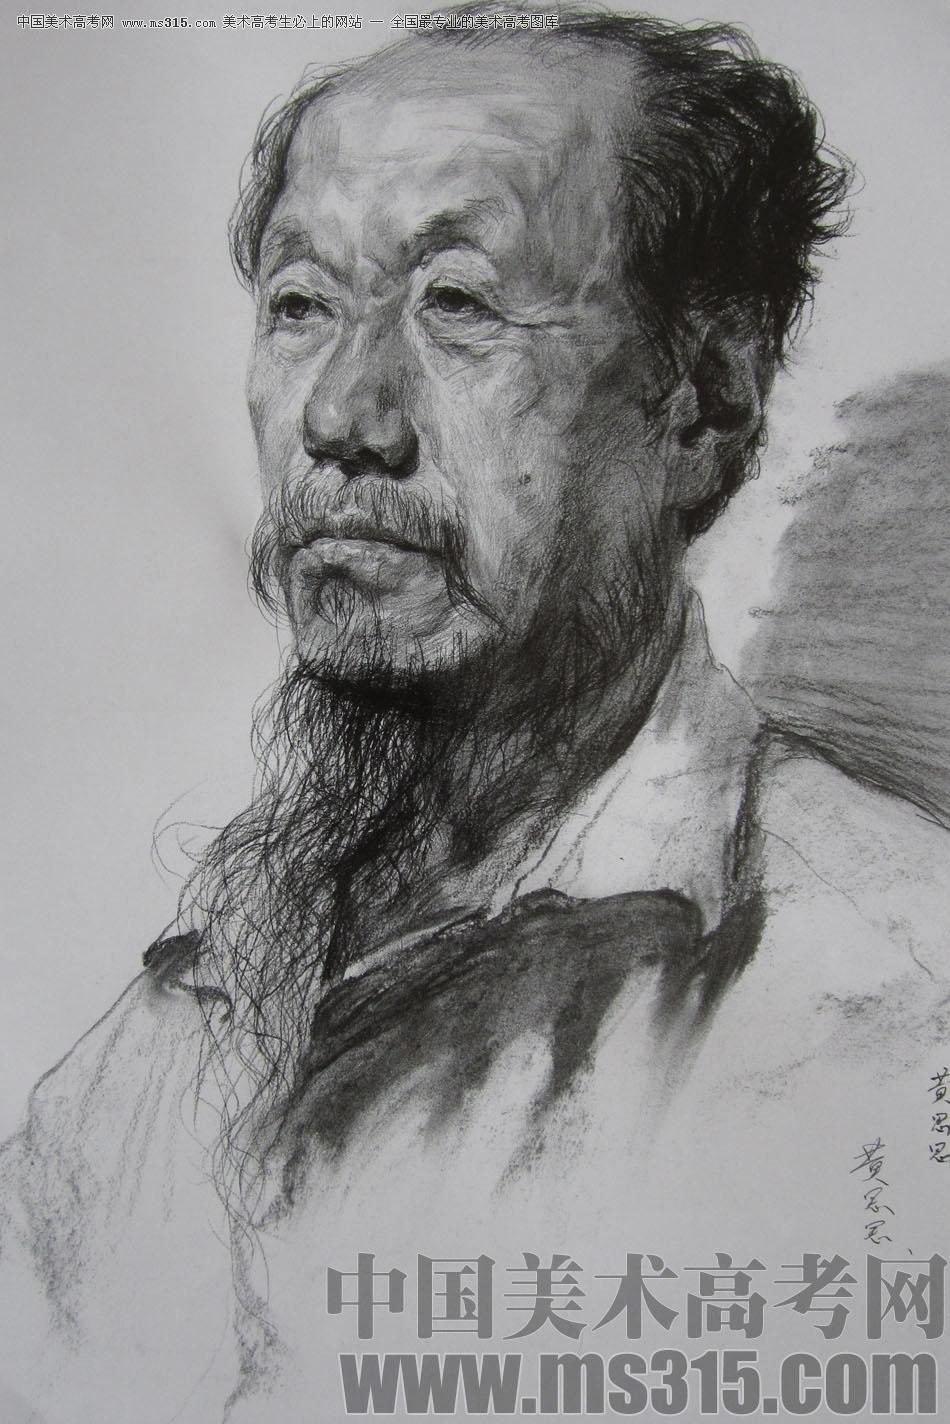 央美清华双状元黄思思素描头像优秀作品2